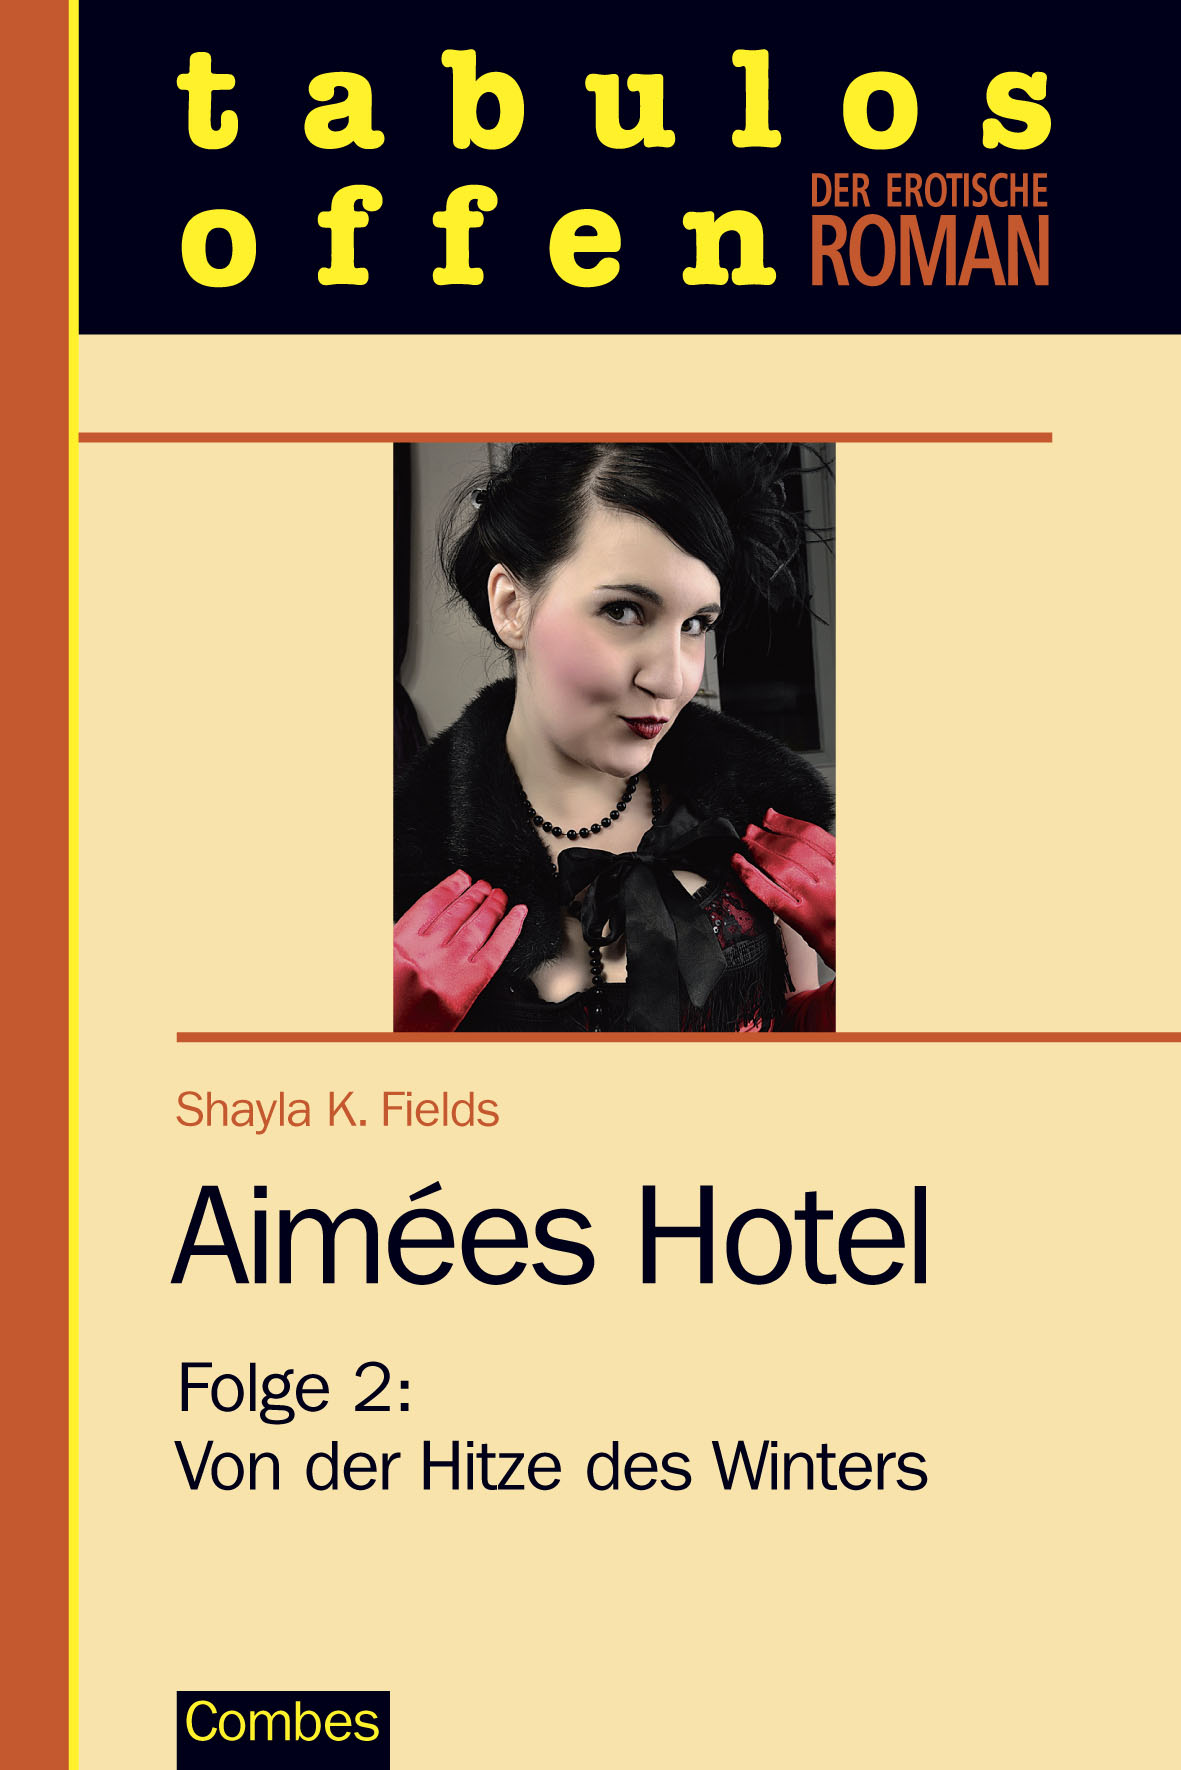 Aimees Hotel - Folge 2: Von der Hitze des - Der erotische